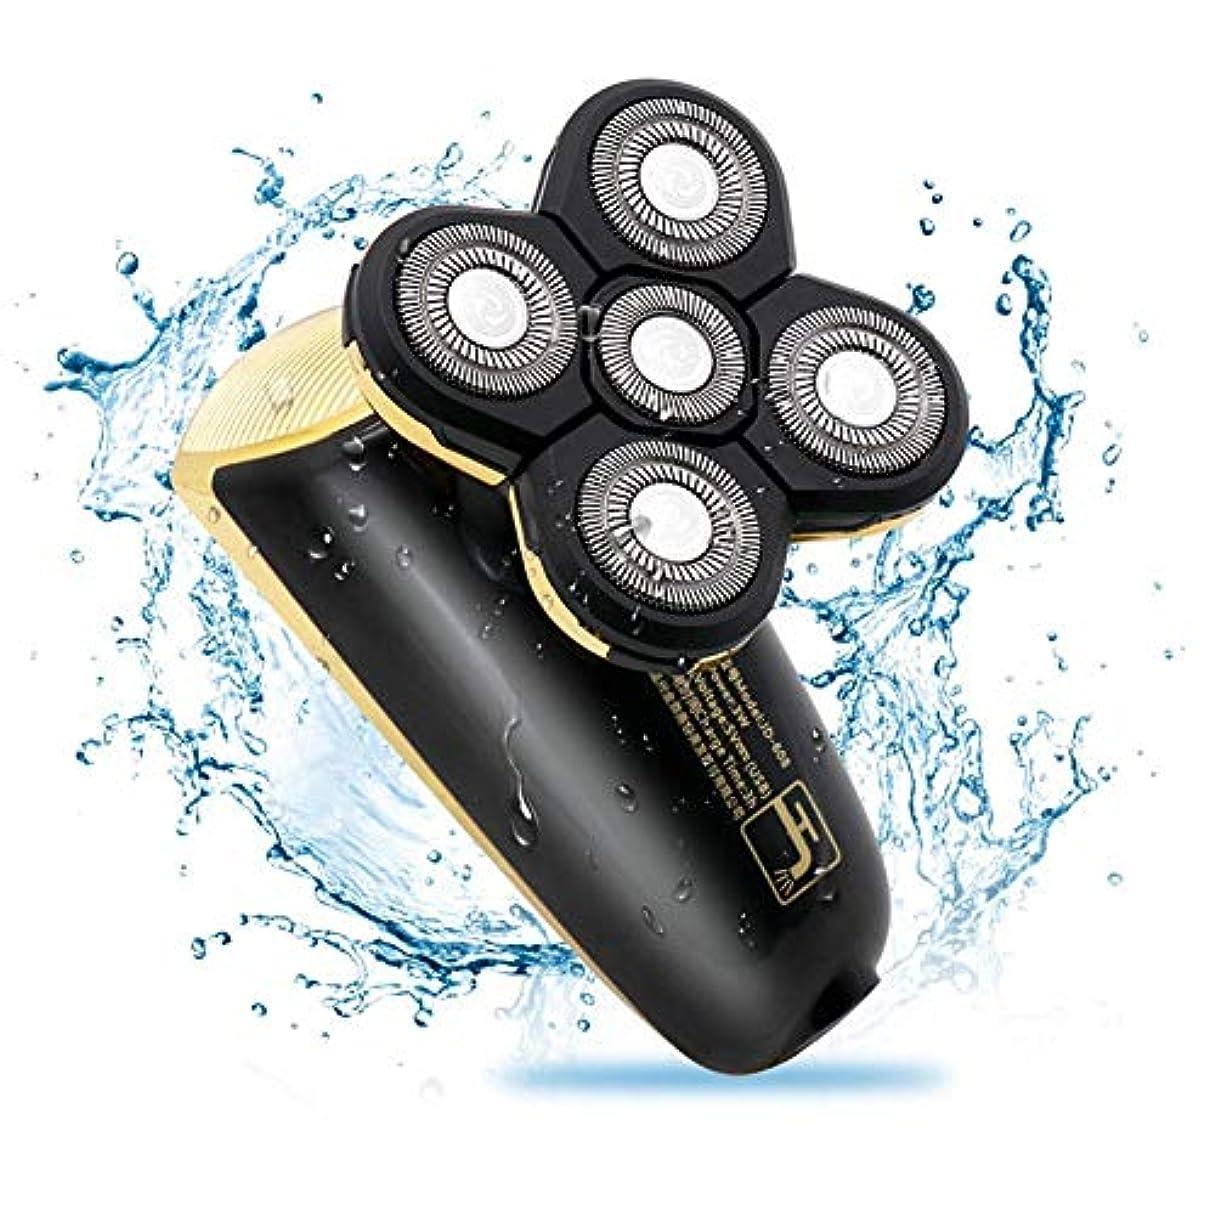 咲く電気パフ5D電気ウェットドライロータリーシェーバーメンズ防水カミソリ、ひげトリマー用5フローティングヘッド、コードレスUSB充電式セキュリティロックモード